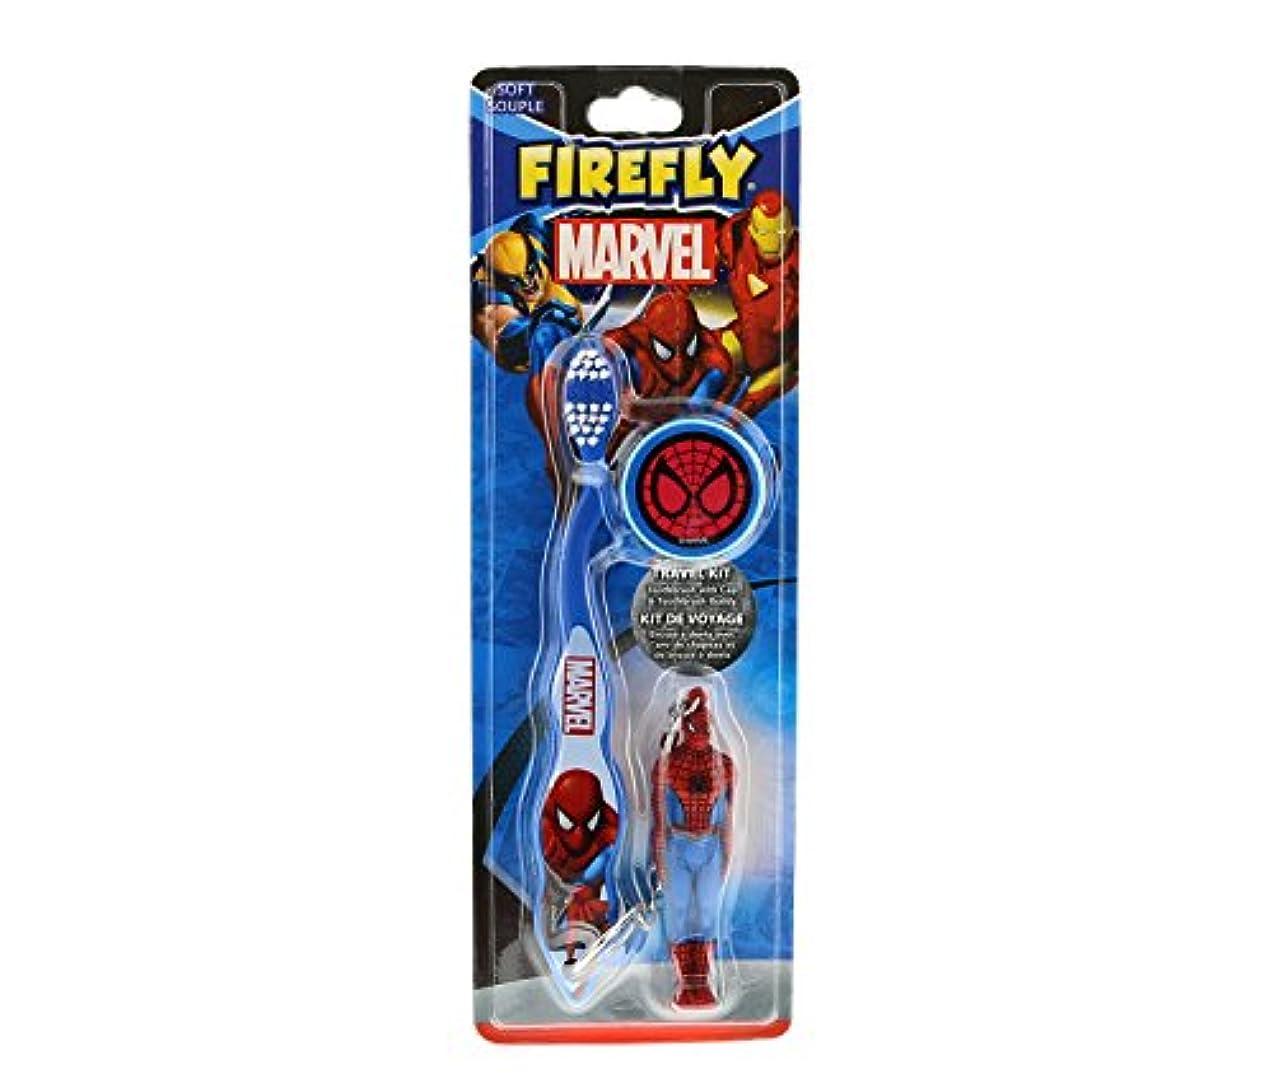 シルエット権限を与える土器MARVEL HEROES フィギュア付き 歯ブラシ スパイダーマン